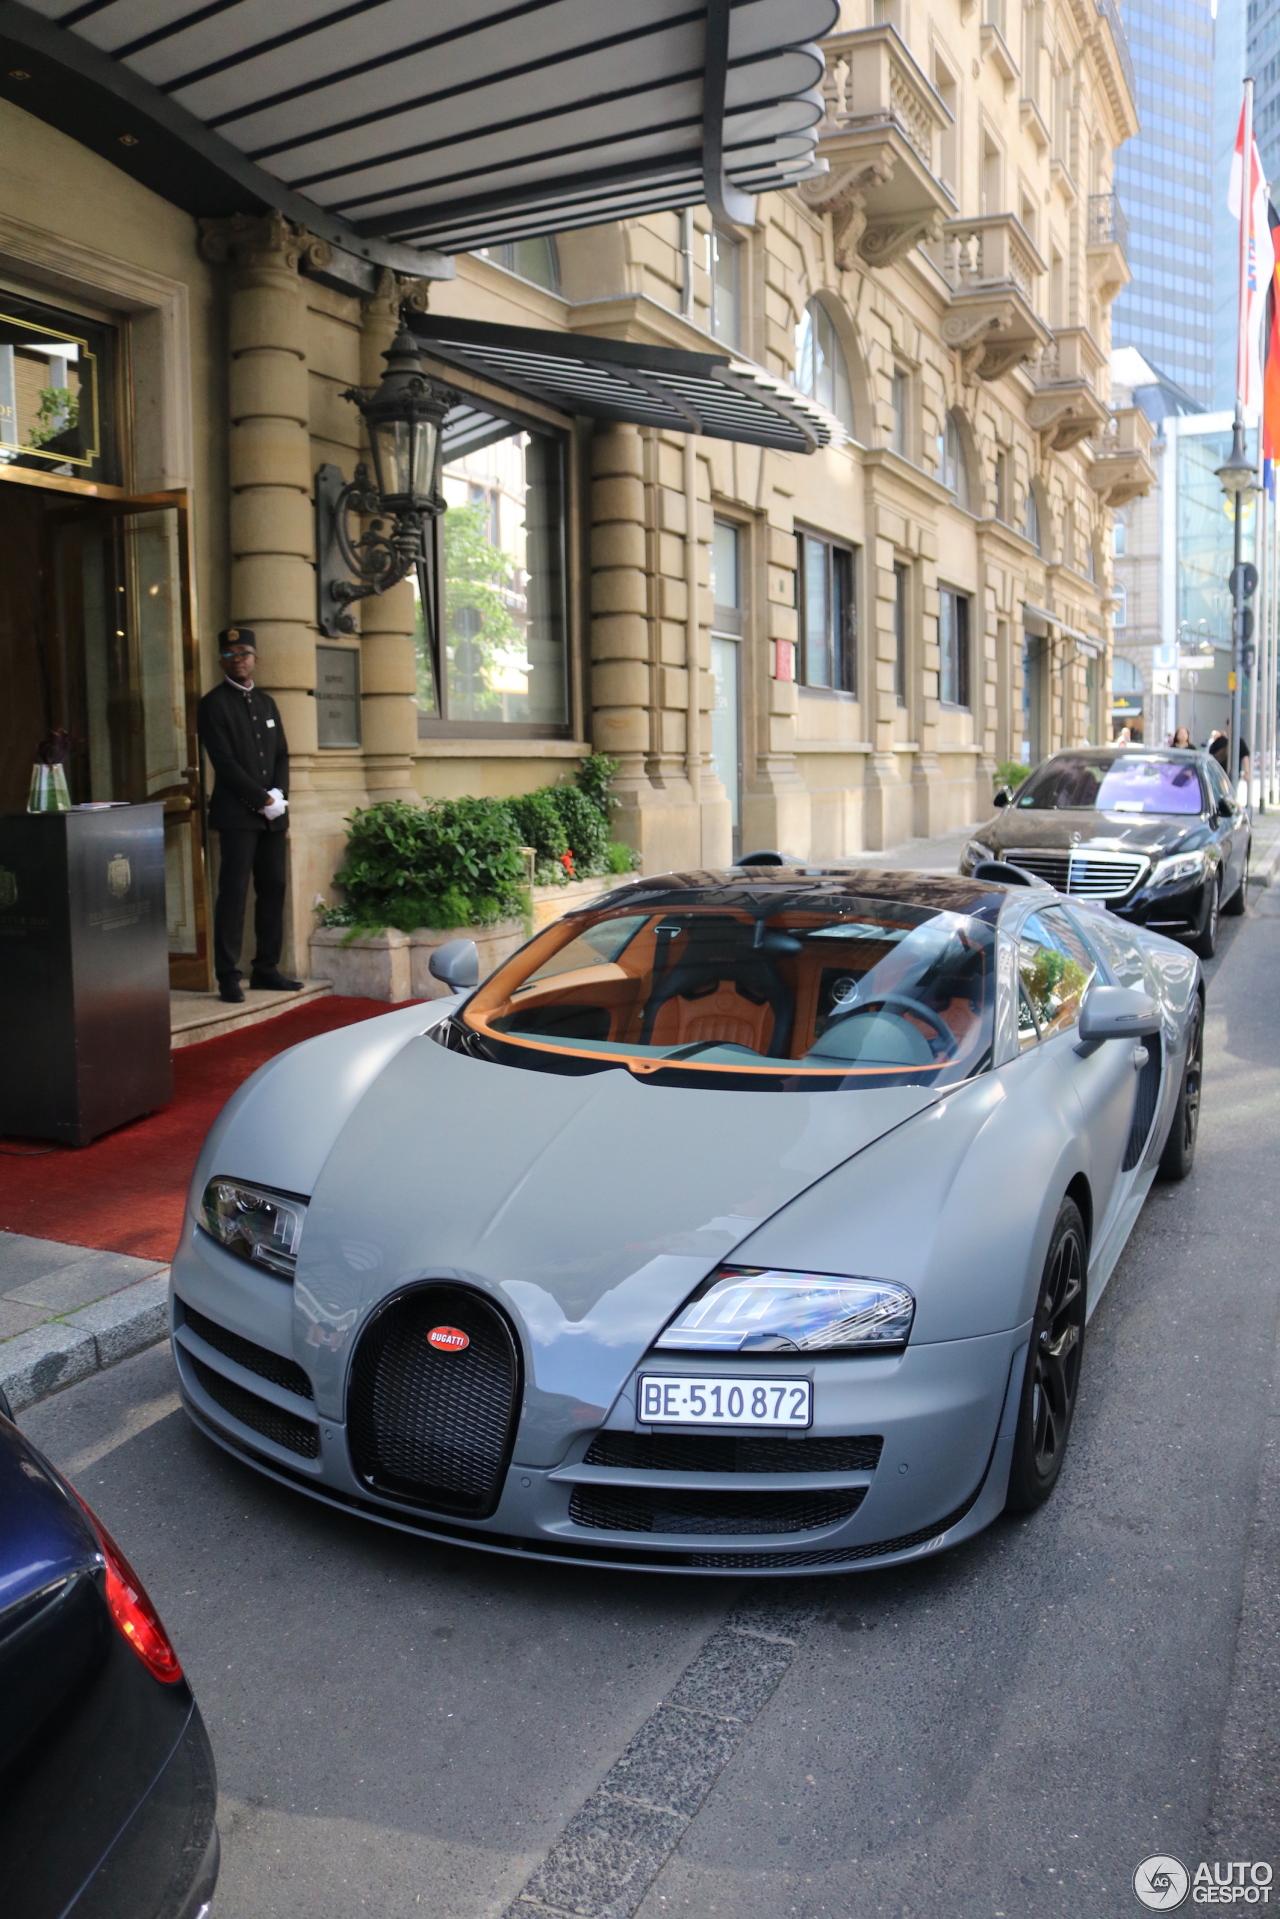 bugatti-veyron-164-grand-sport-vitesse-c956401062017214947_9 Extraordinary Bugatti Veyron Grand Sport Vitesse Cars Trend